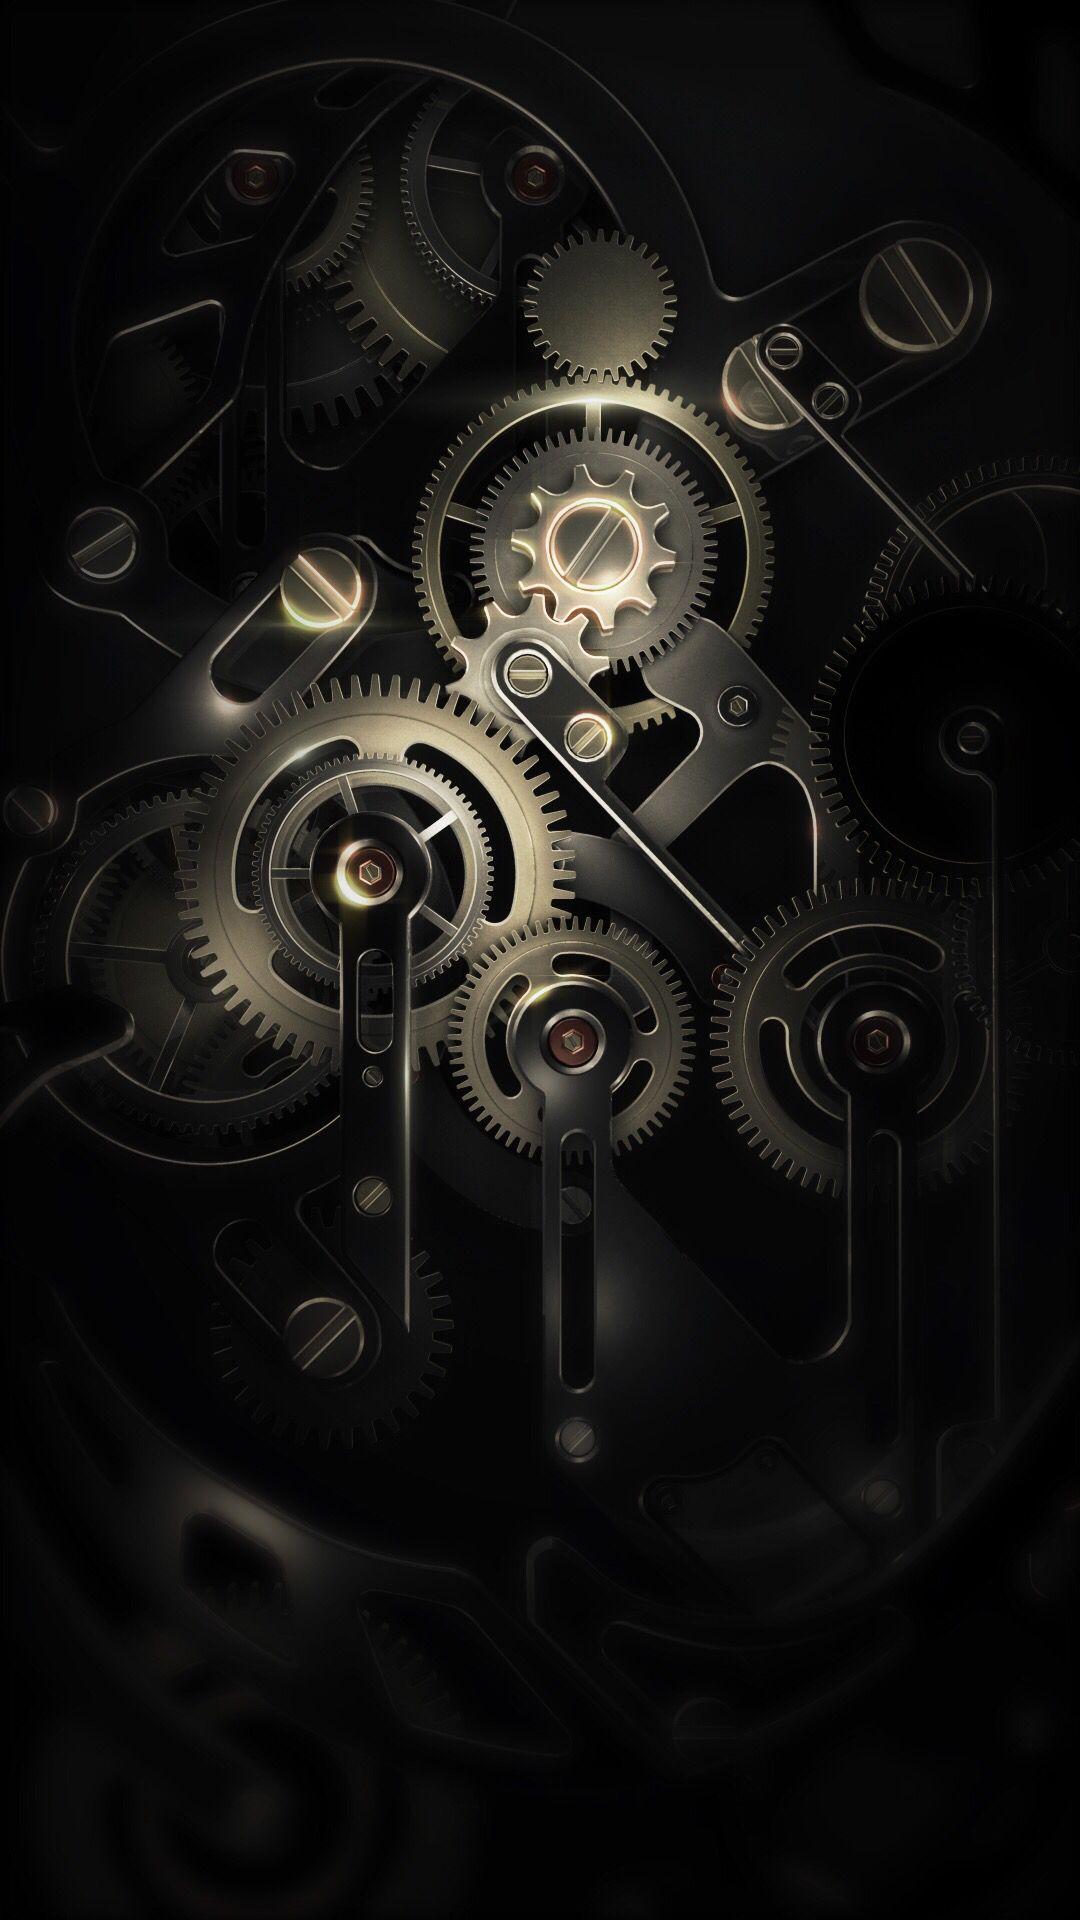 iPhone 6 Plus Wallpaper! (Có hình ảnh) Nghệ thuật kỹ